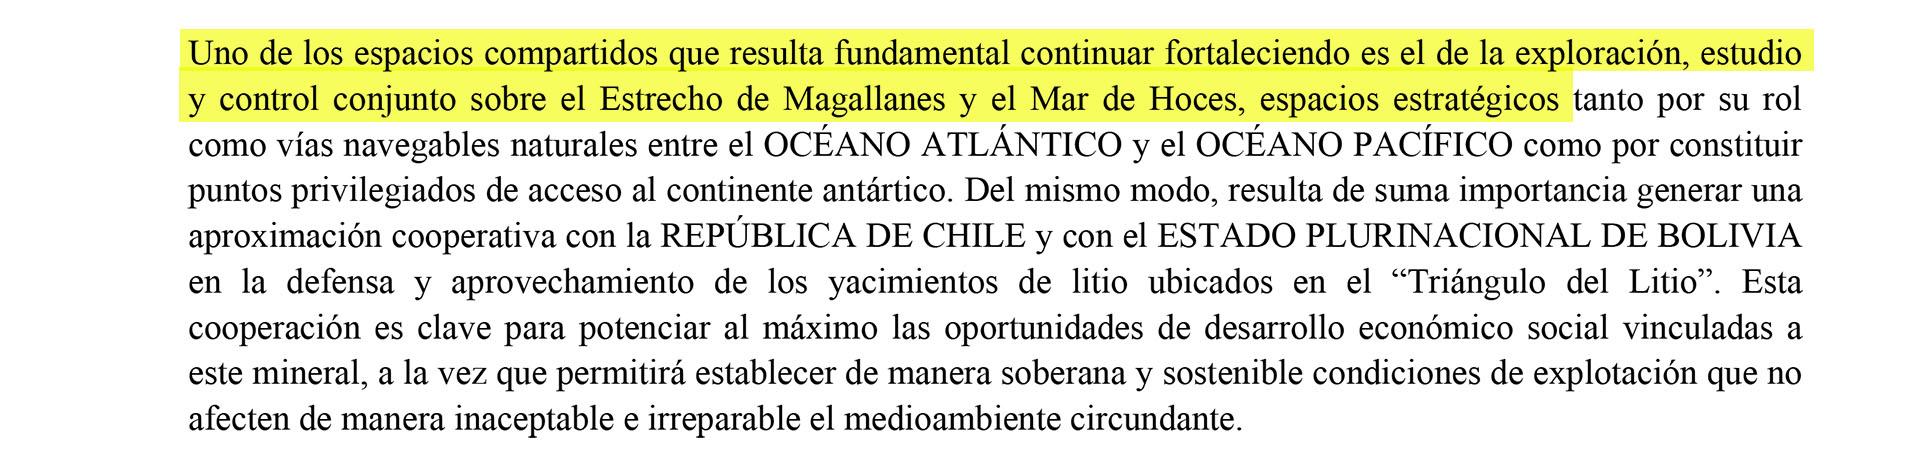 Increíblemente la orden presidencial dispone mantener el control conjunto sobre el Estrecho de Magallanes a 140 años de haber quedado esa vía marítima en manos de Chile